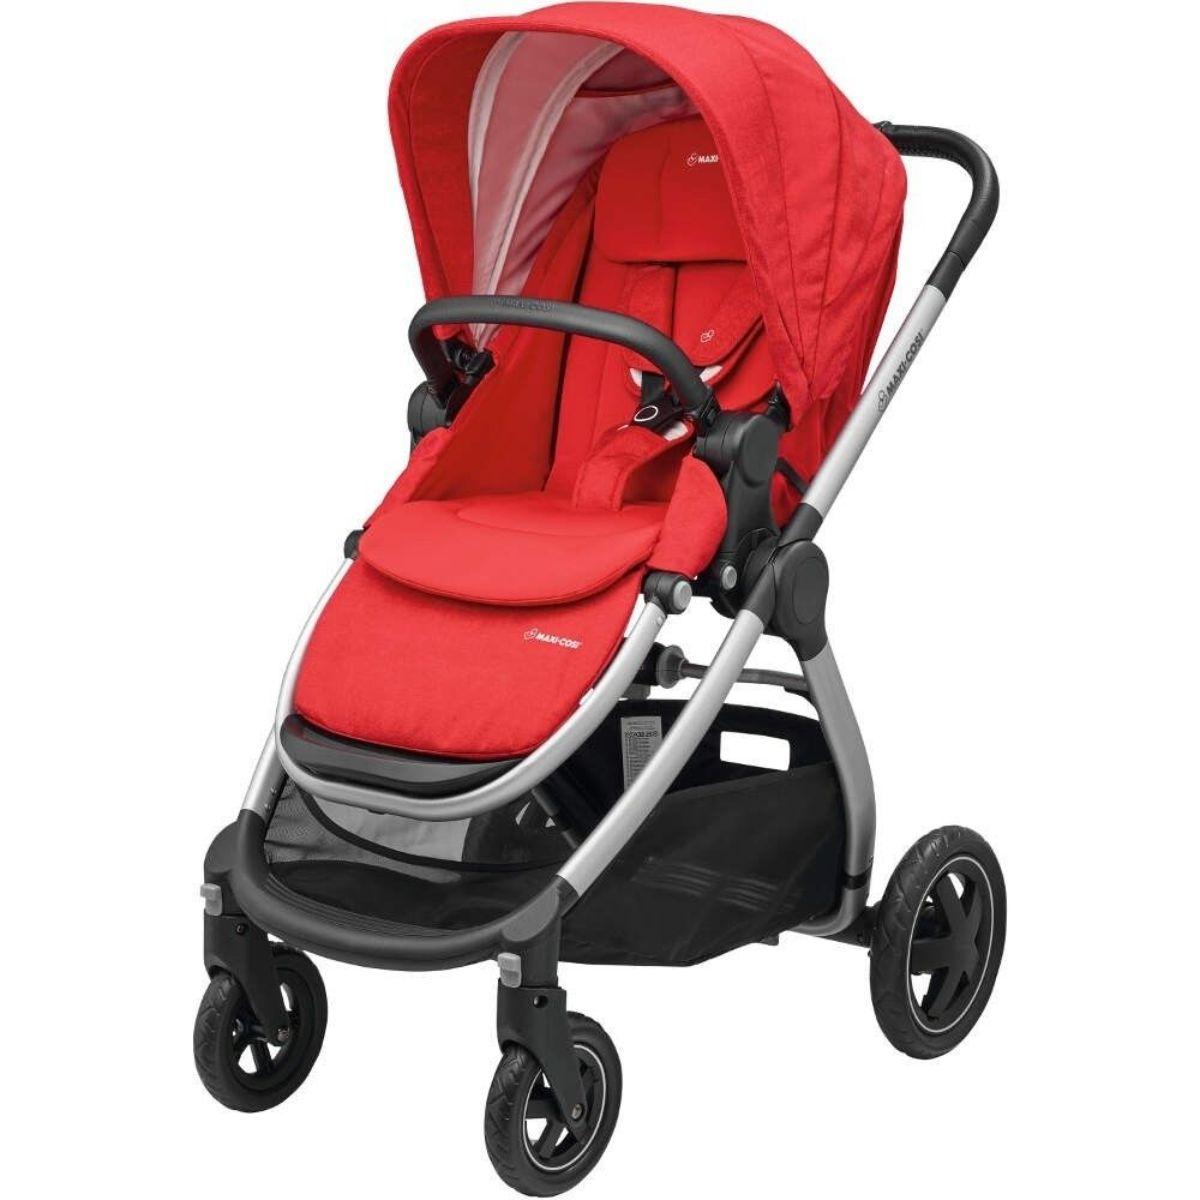 Carucior Sport Maxi-Cosi Adorra Nomad, Red